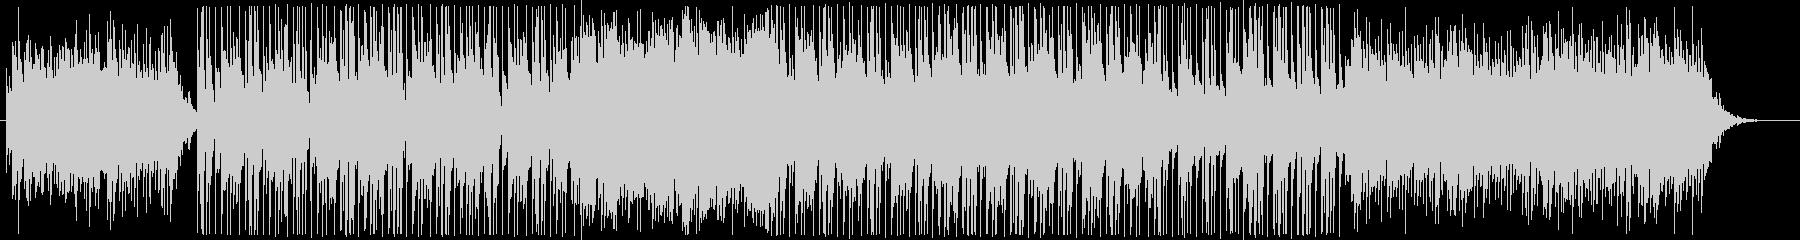 スローテンポのやさしいBGMの未再生の波形